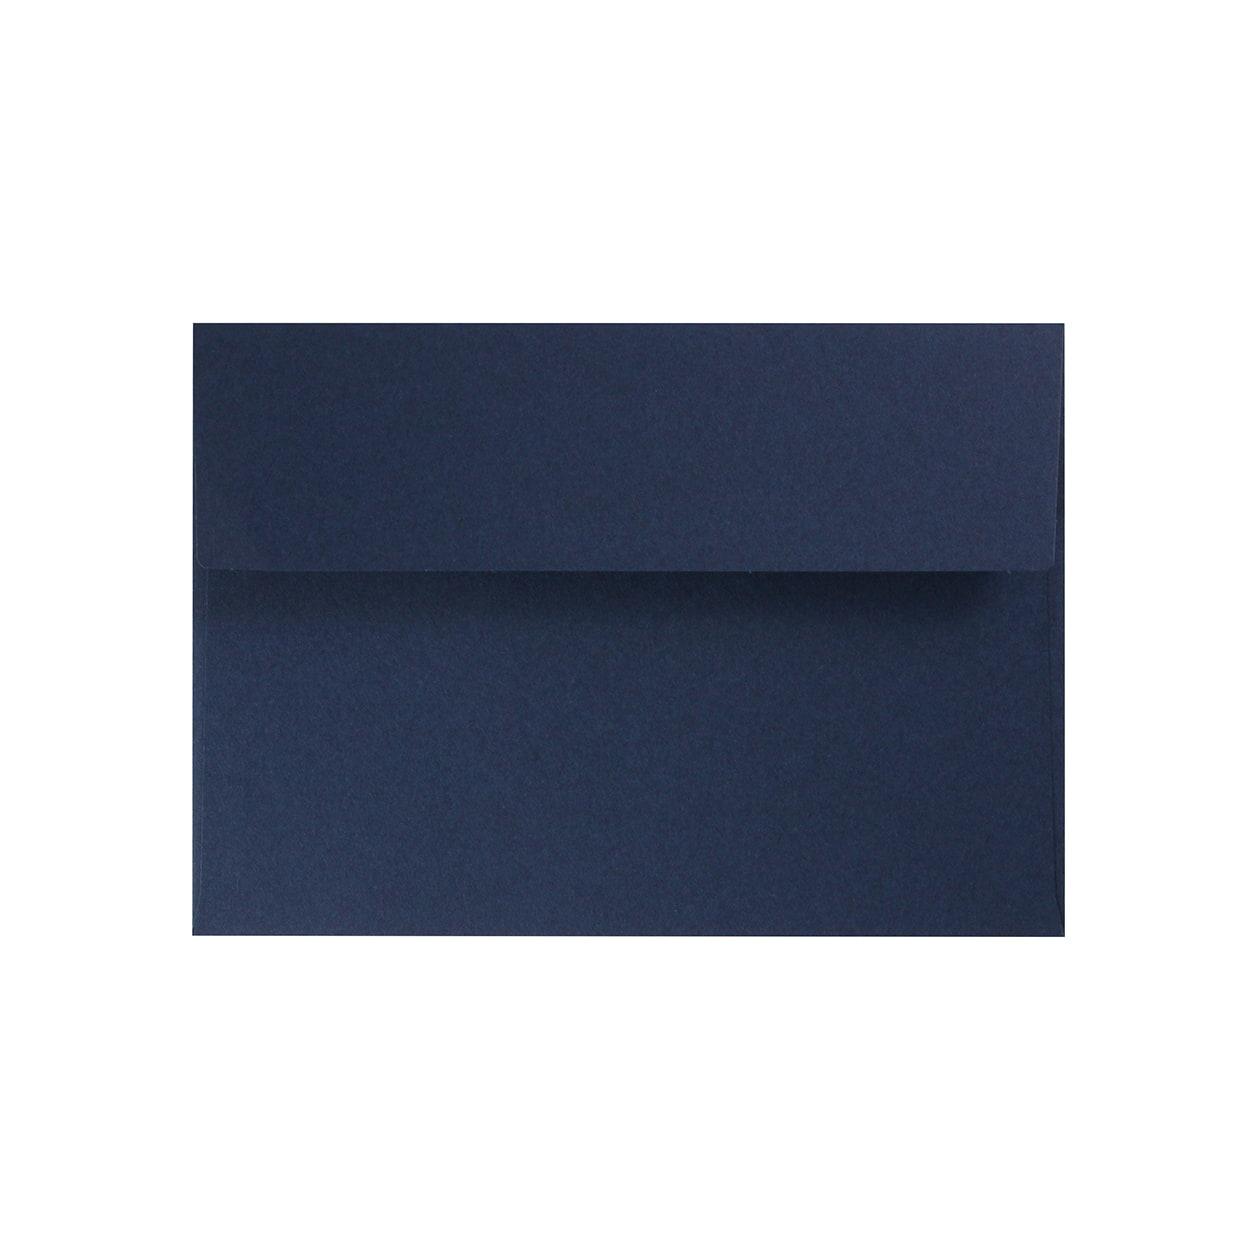 洋2カマス封筒 コットン(NTラシャ) あい 116.3g